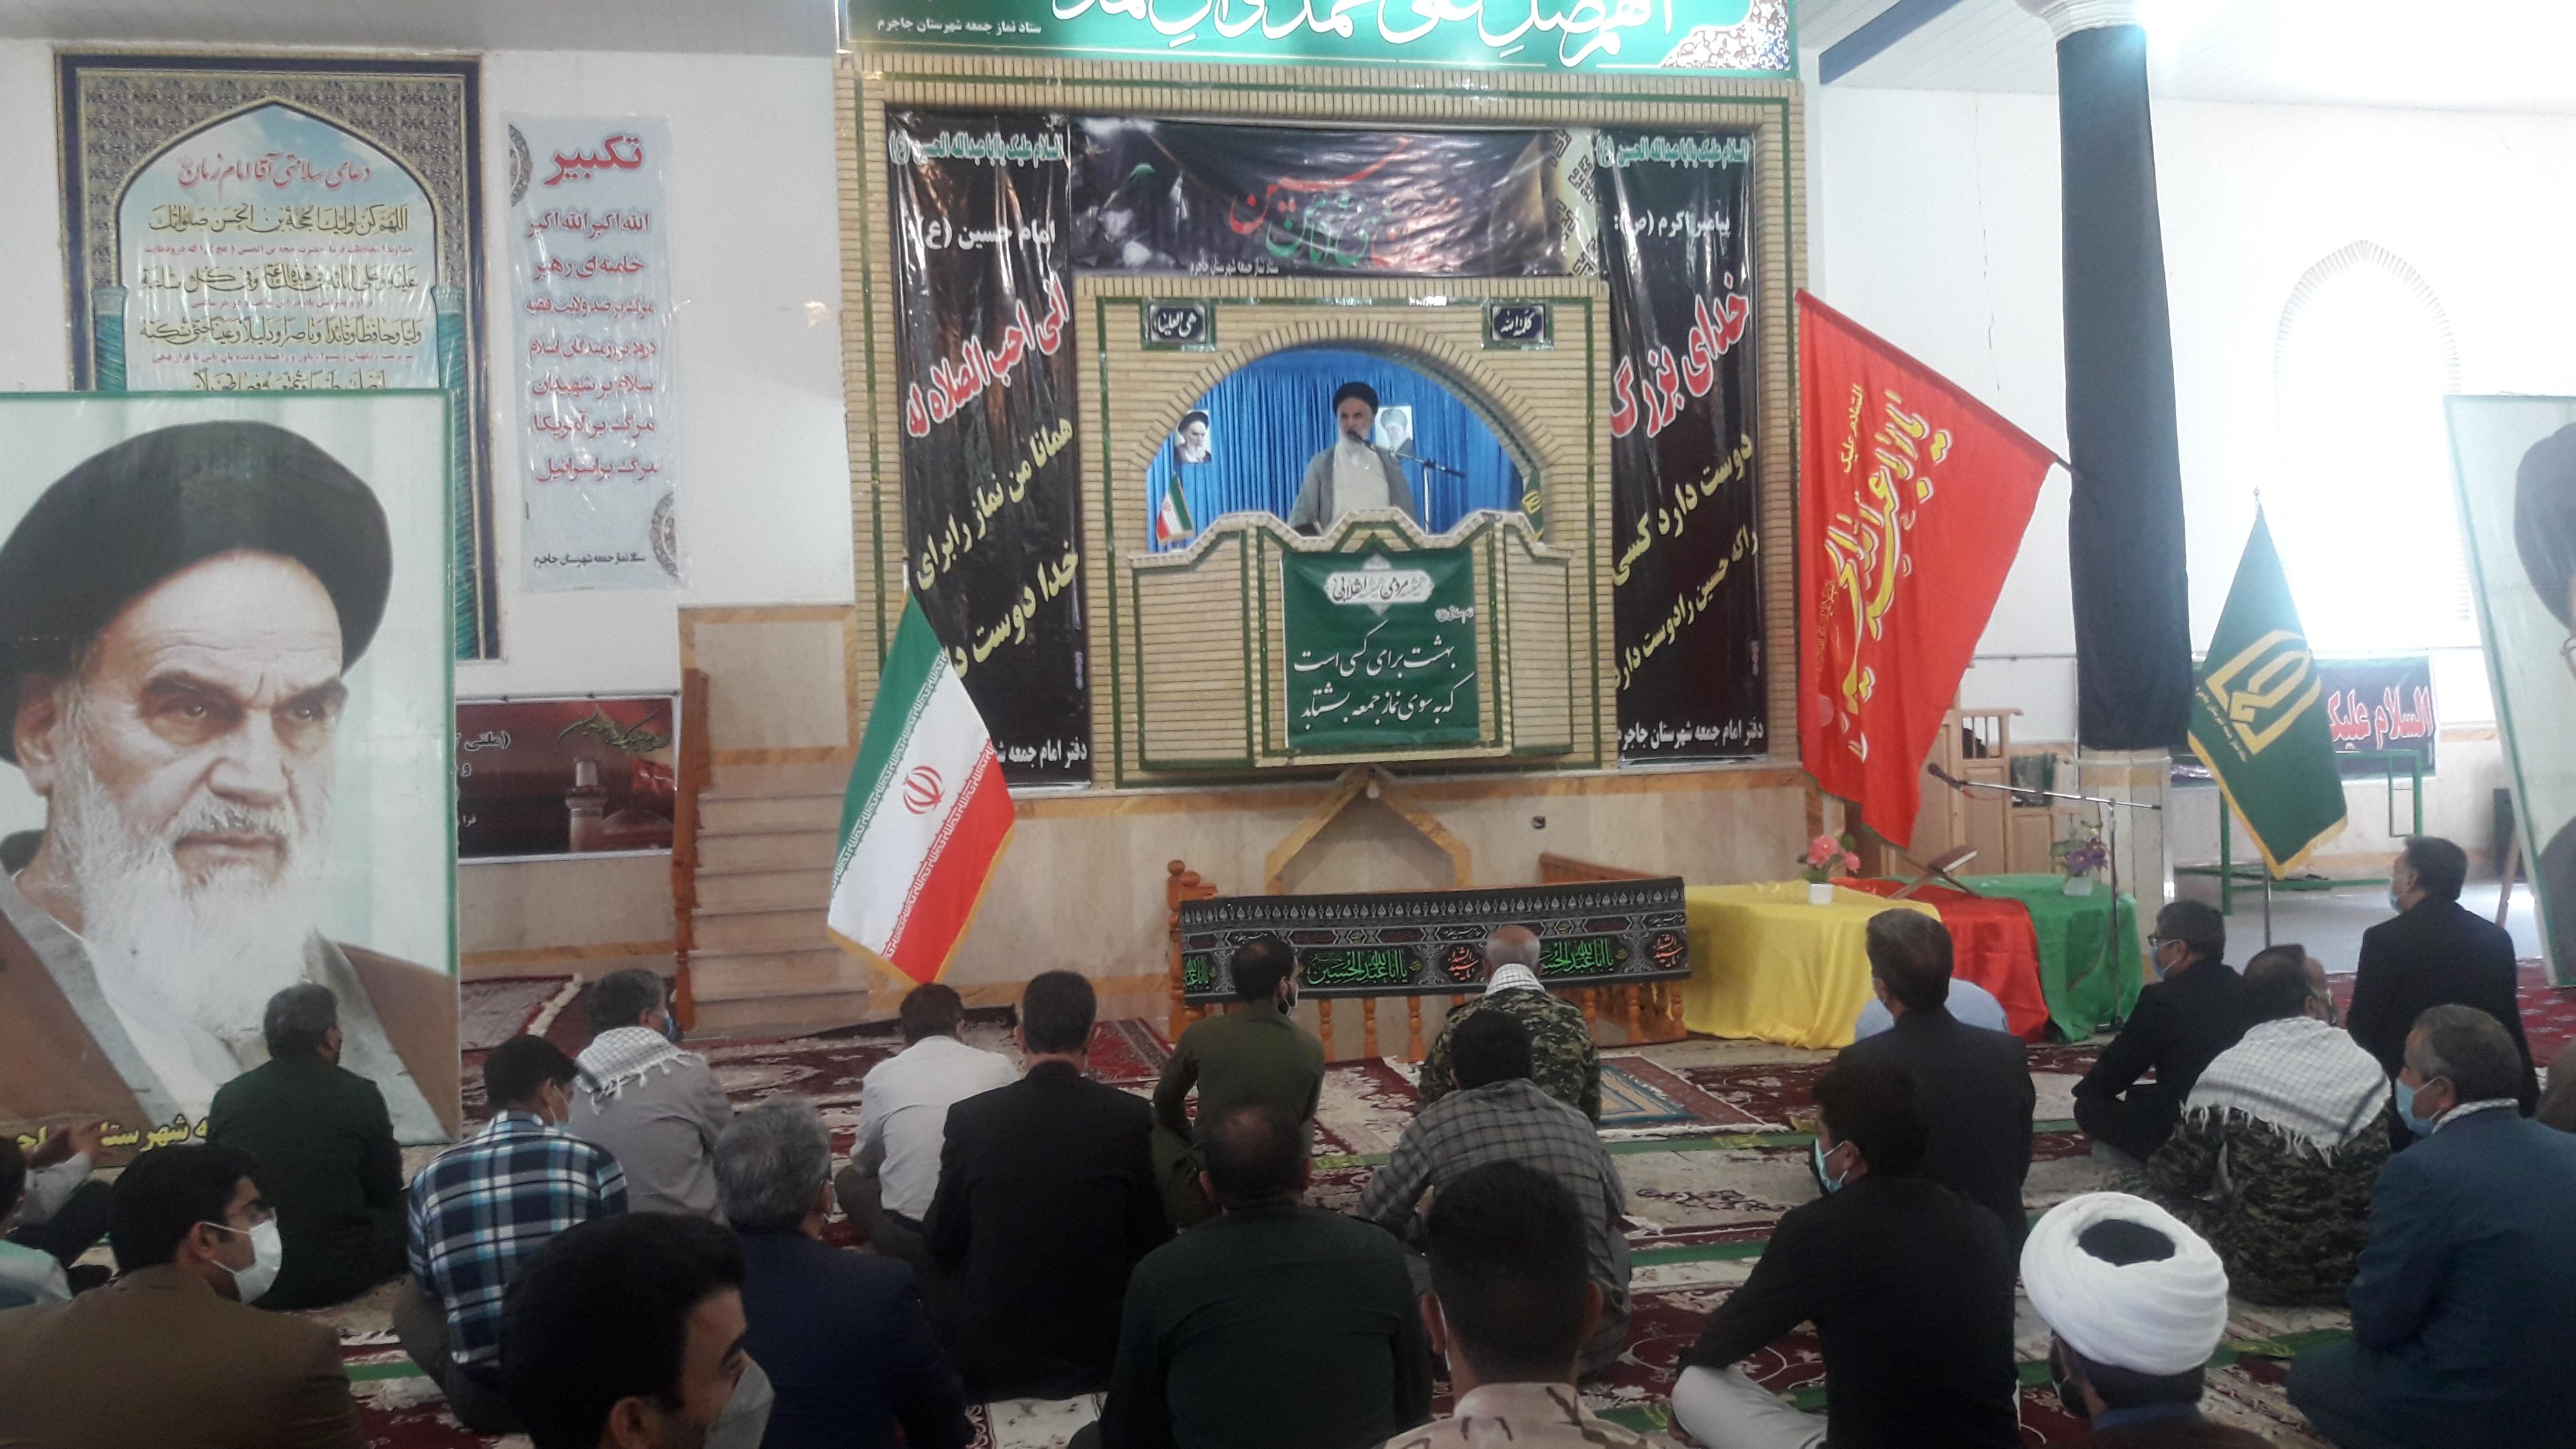 دفاع مقدس باعث صدور انقلاب اسلامی شد